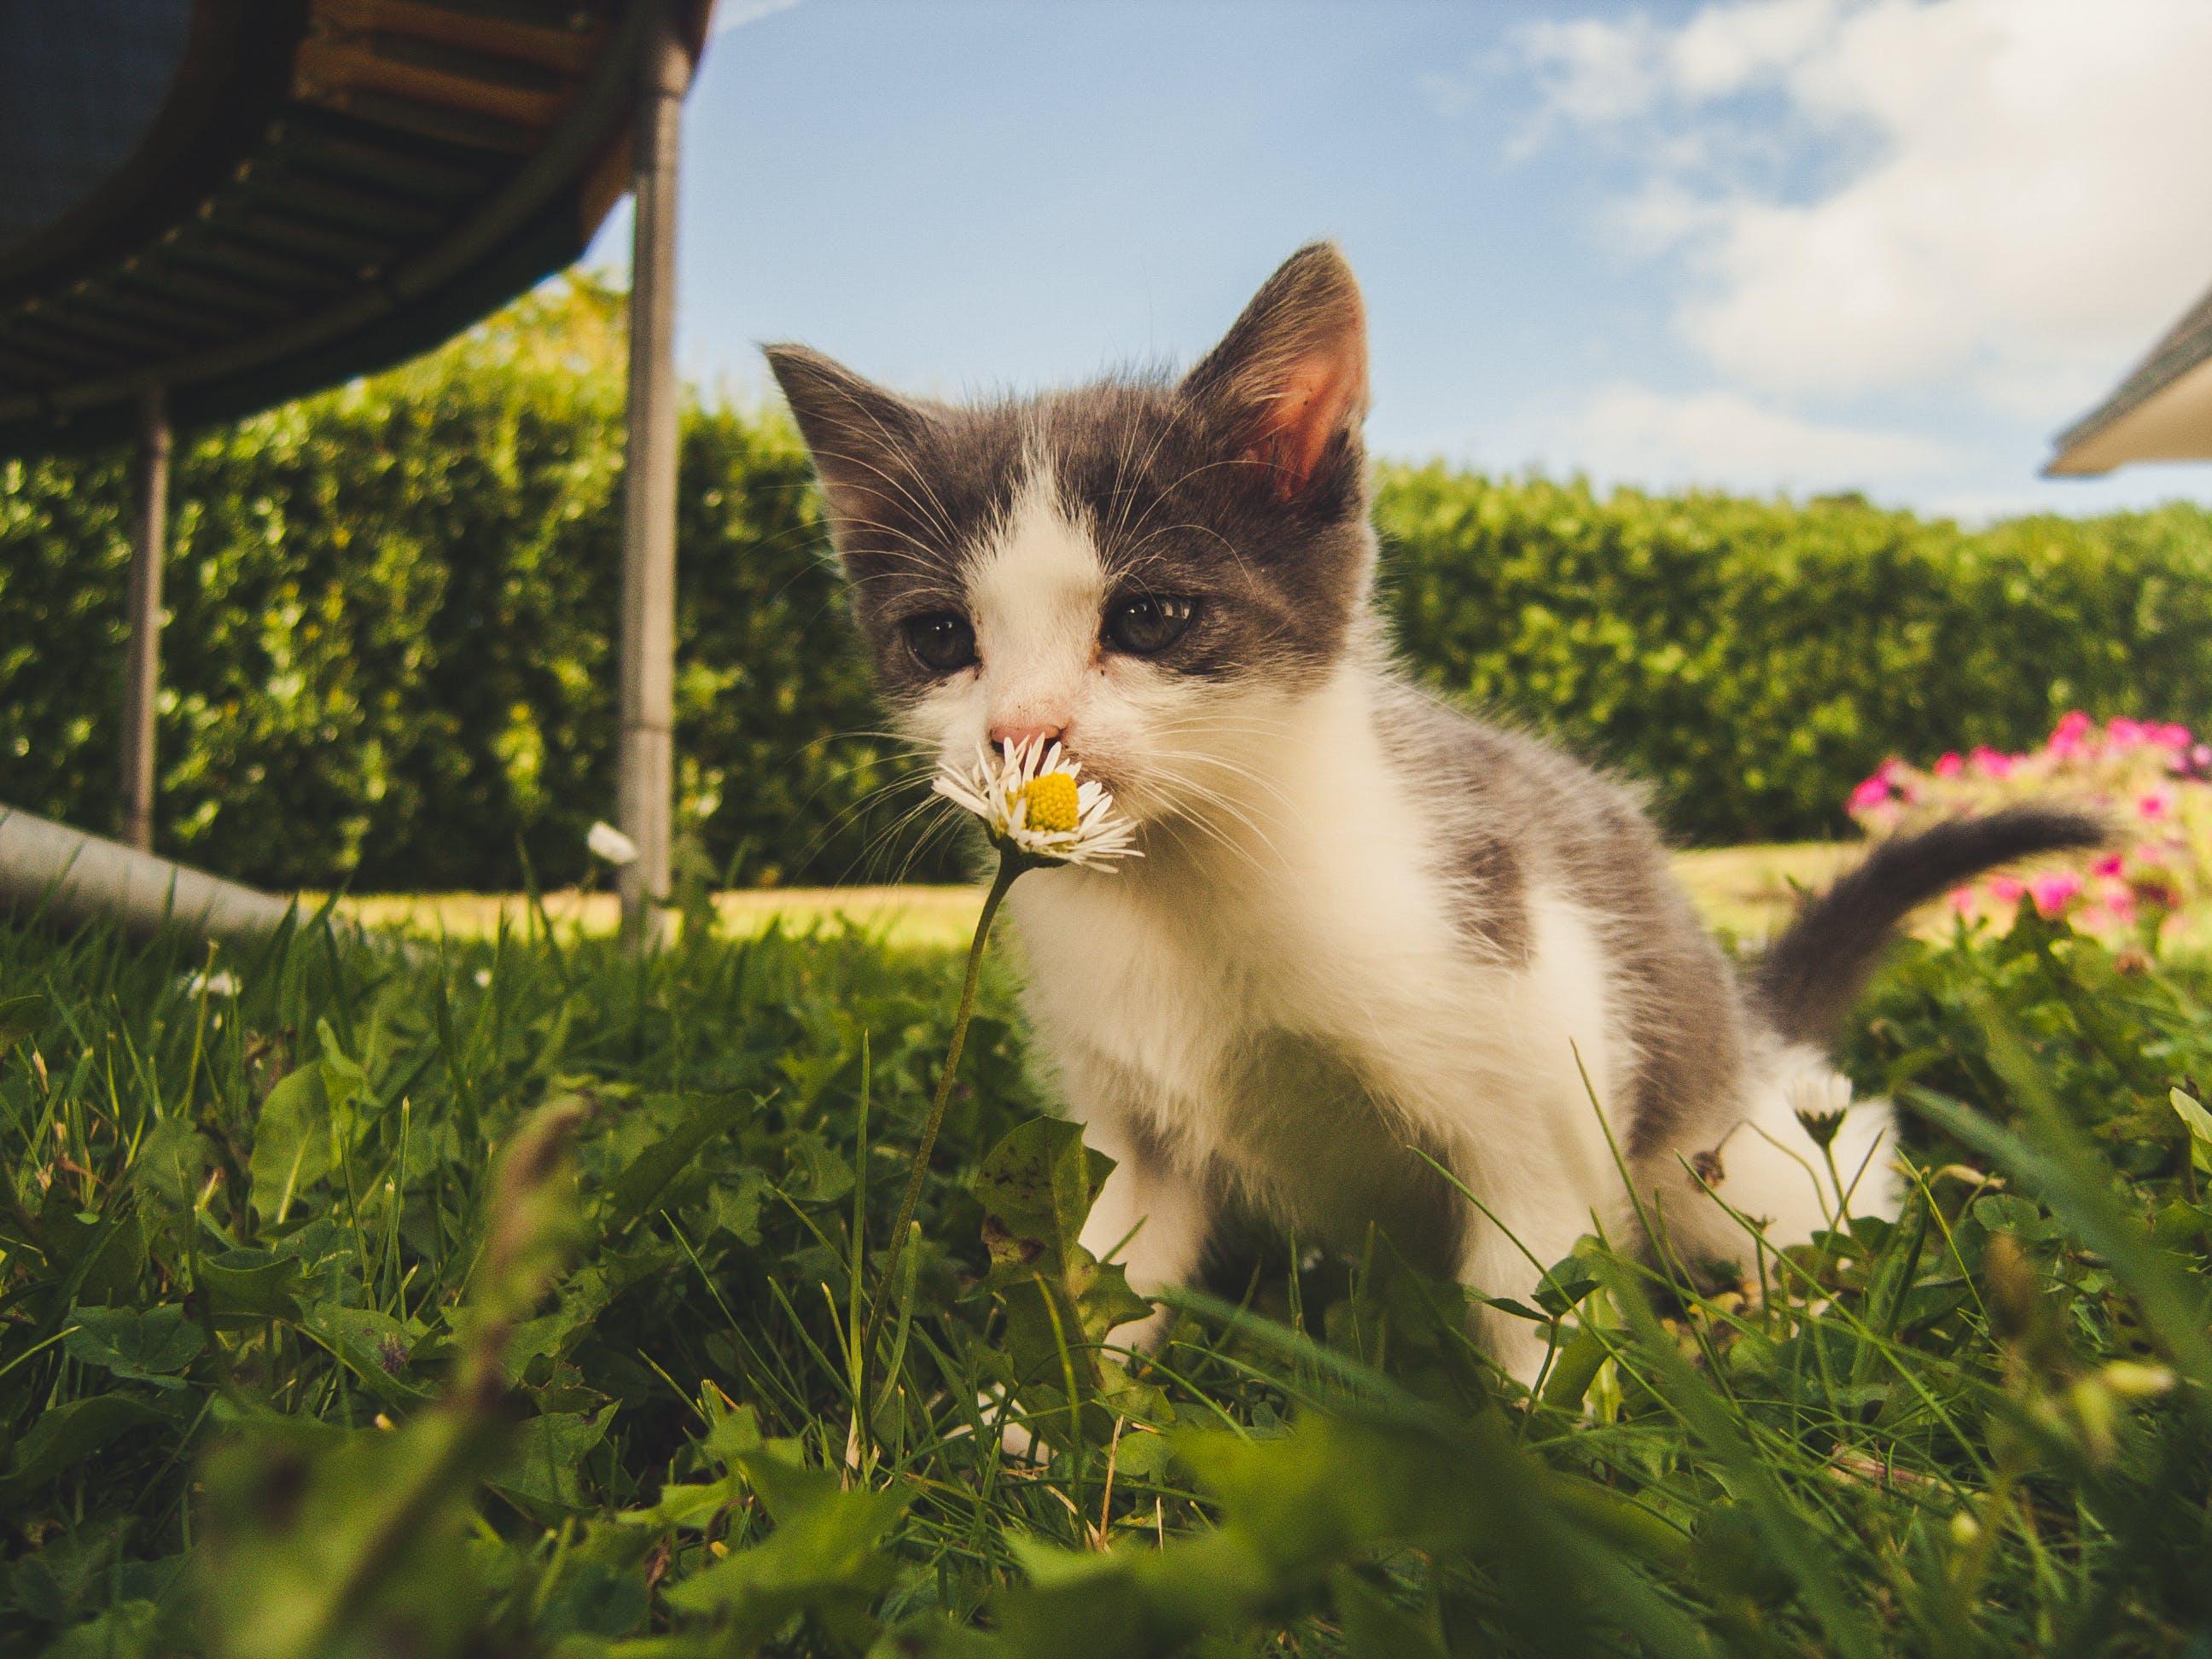 Ảnh lưu trữ miễn phí về cận cảnh, Chân dung, cỏ, con mèo